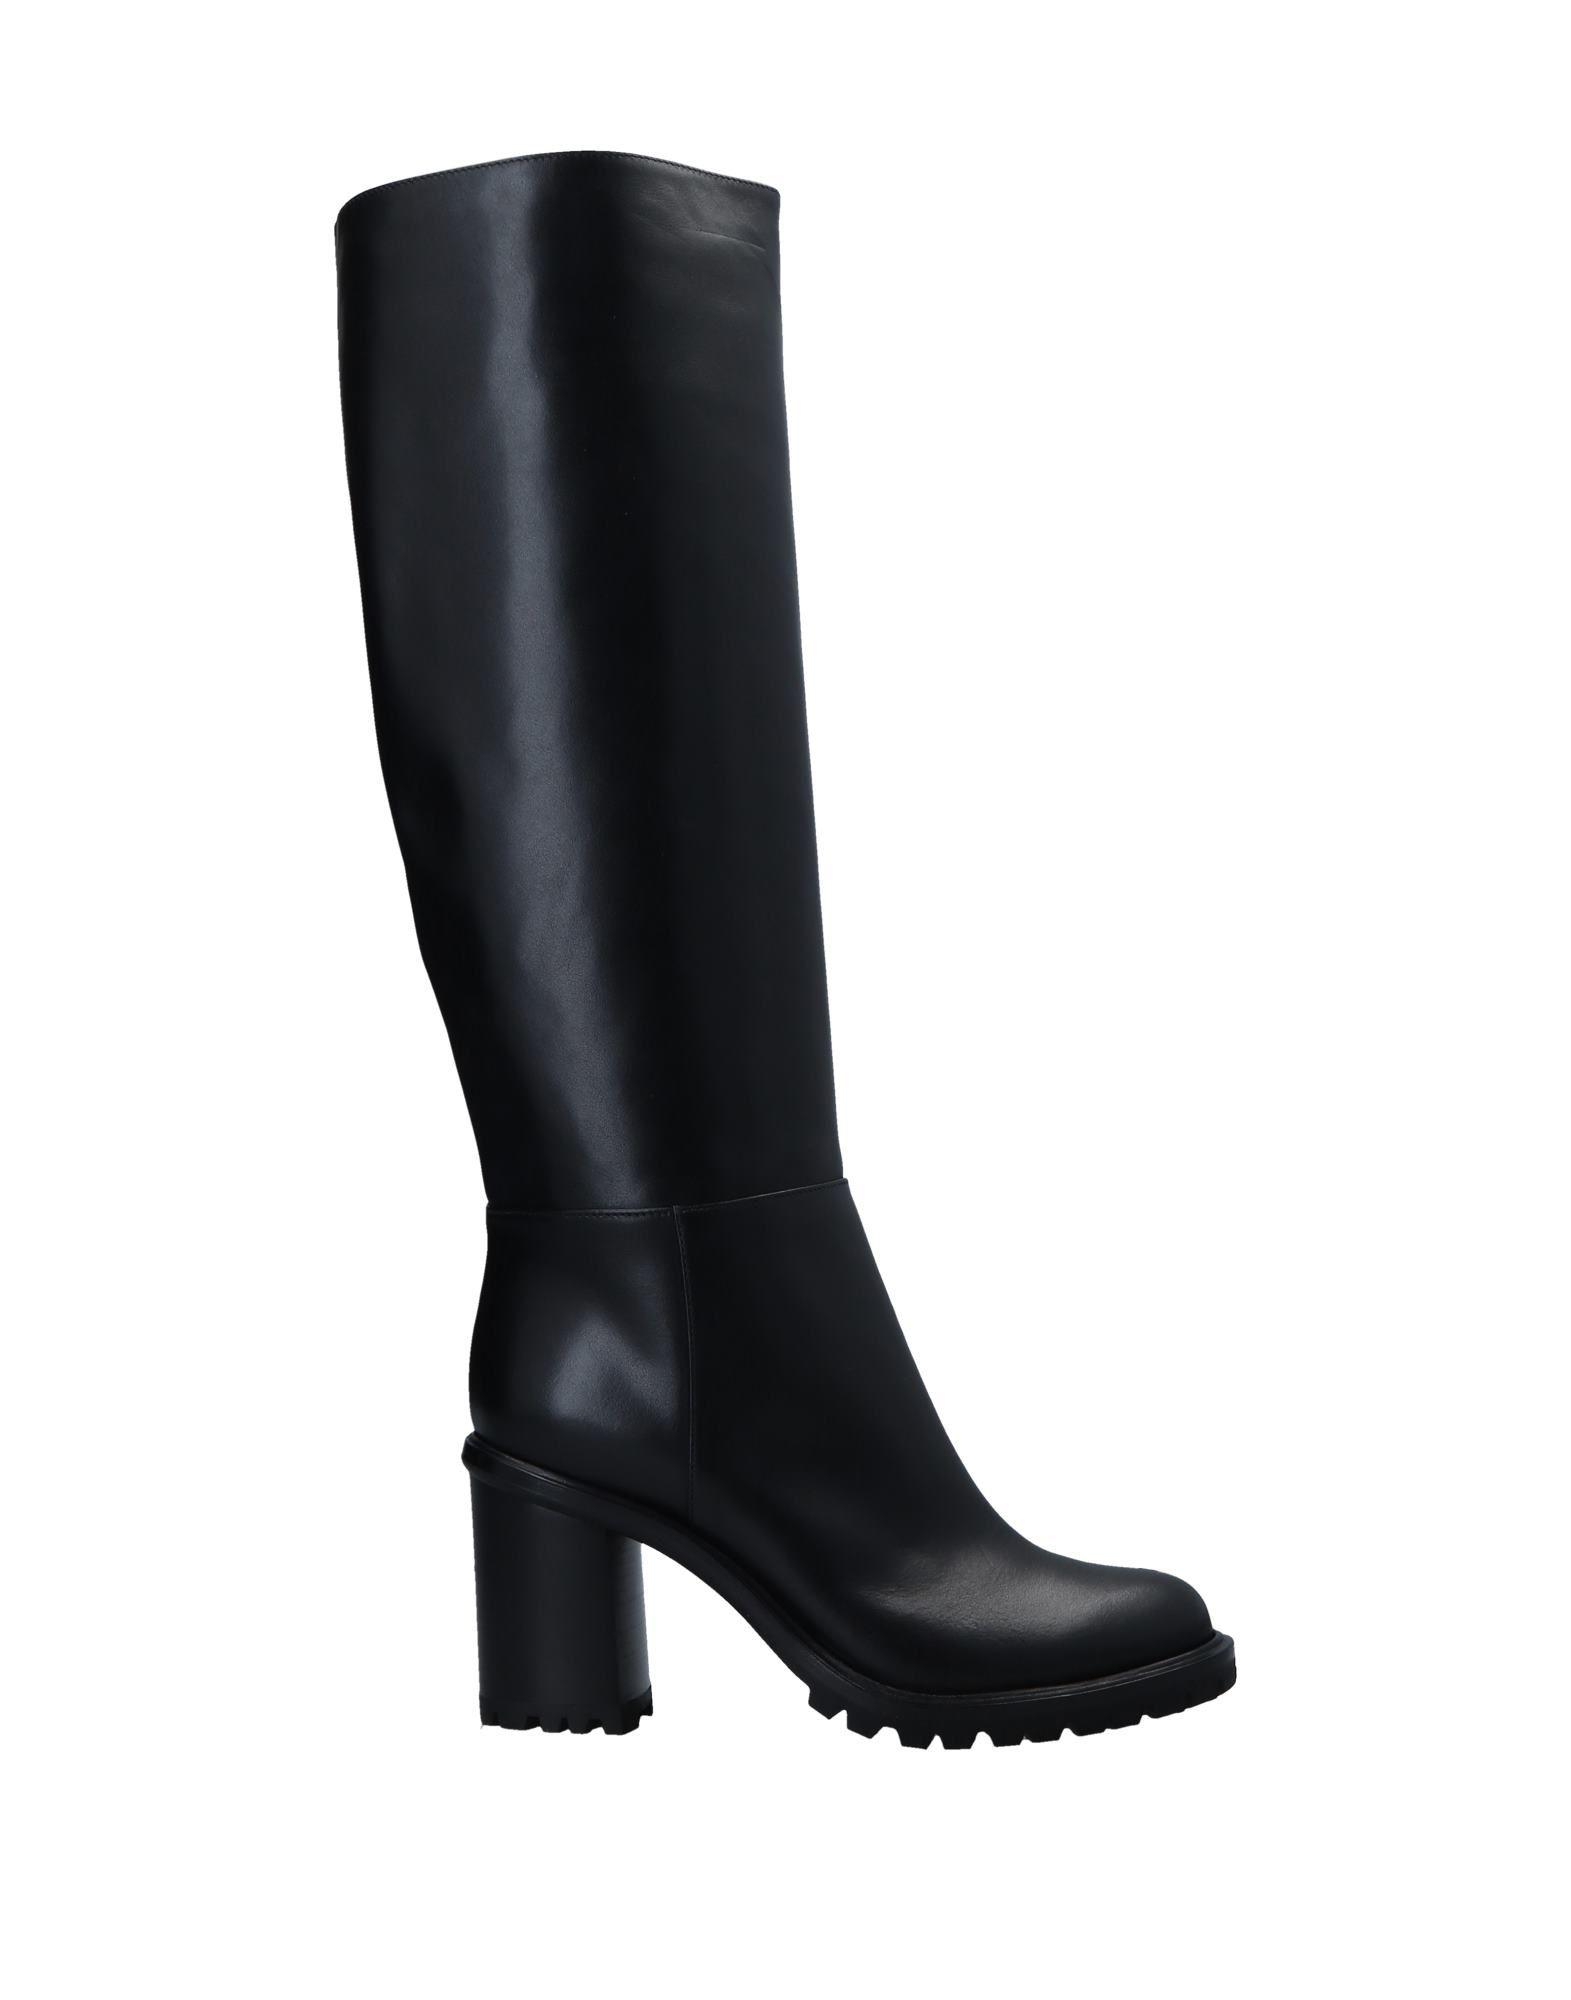 Stivali Casadei Donna - 11544340SX Scarpe economiche e buone